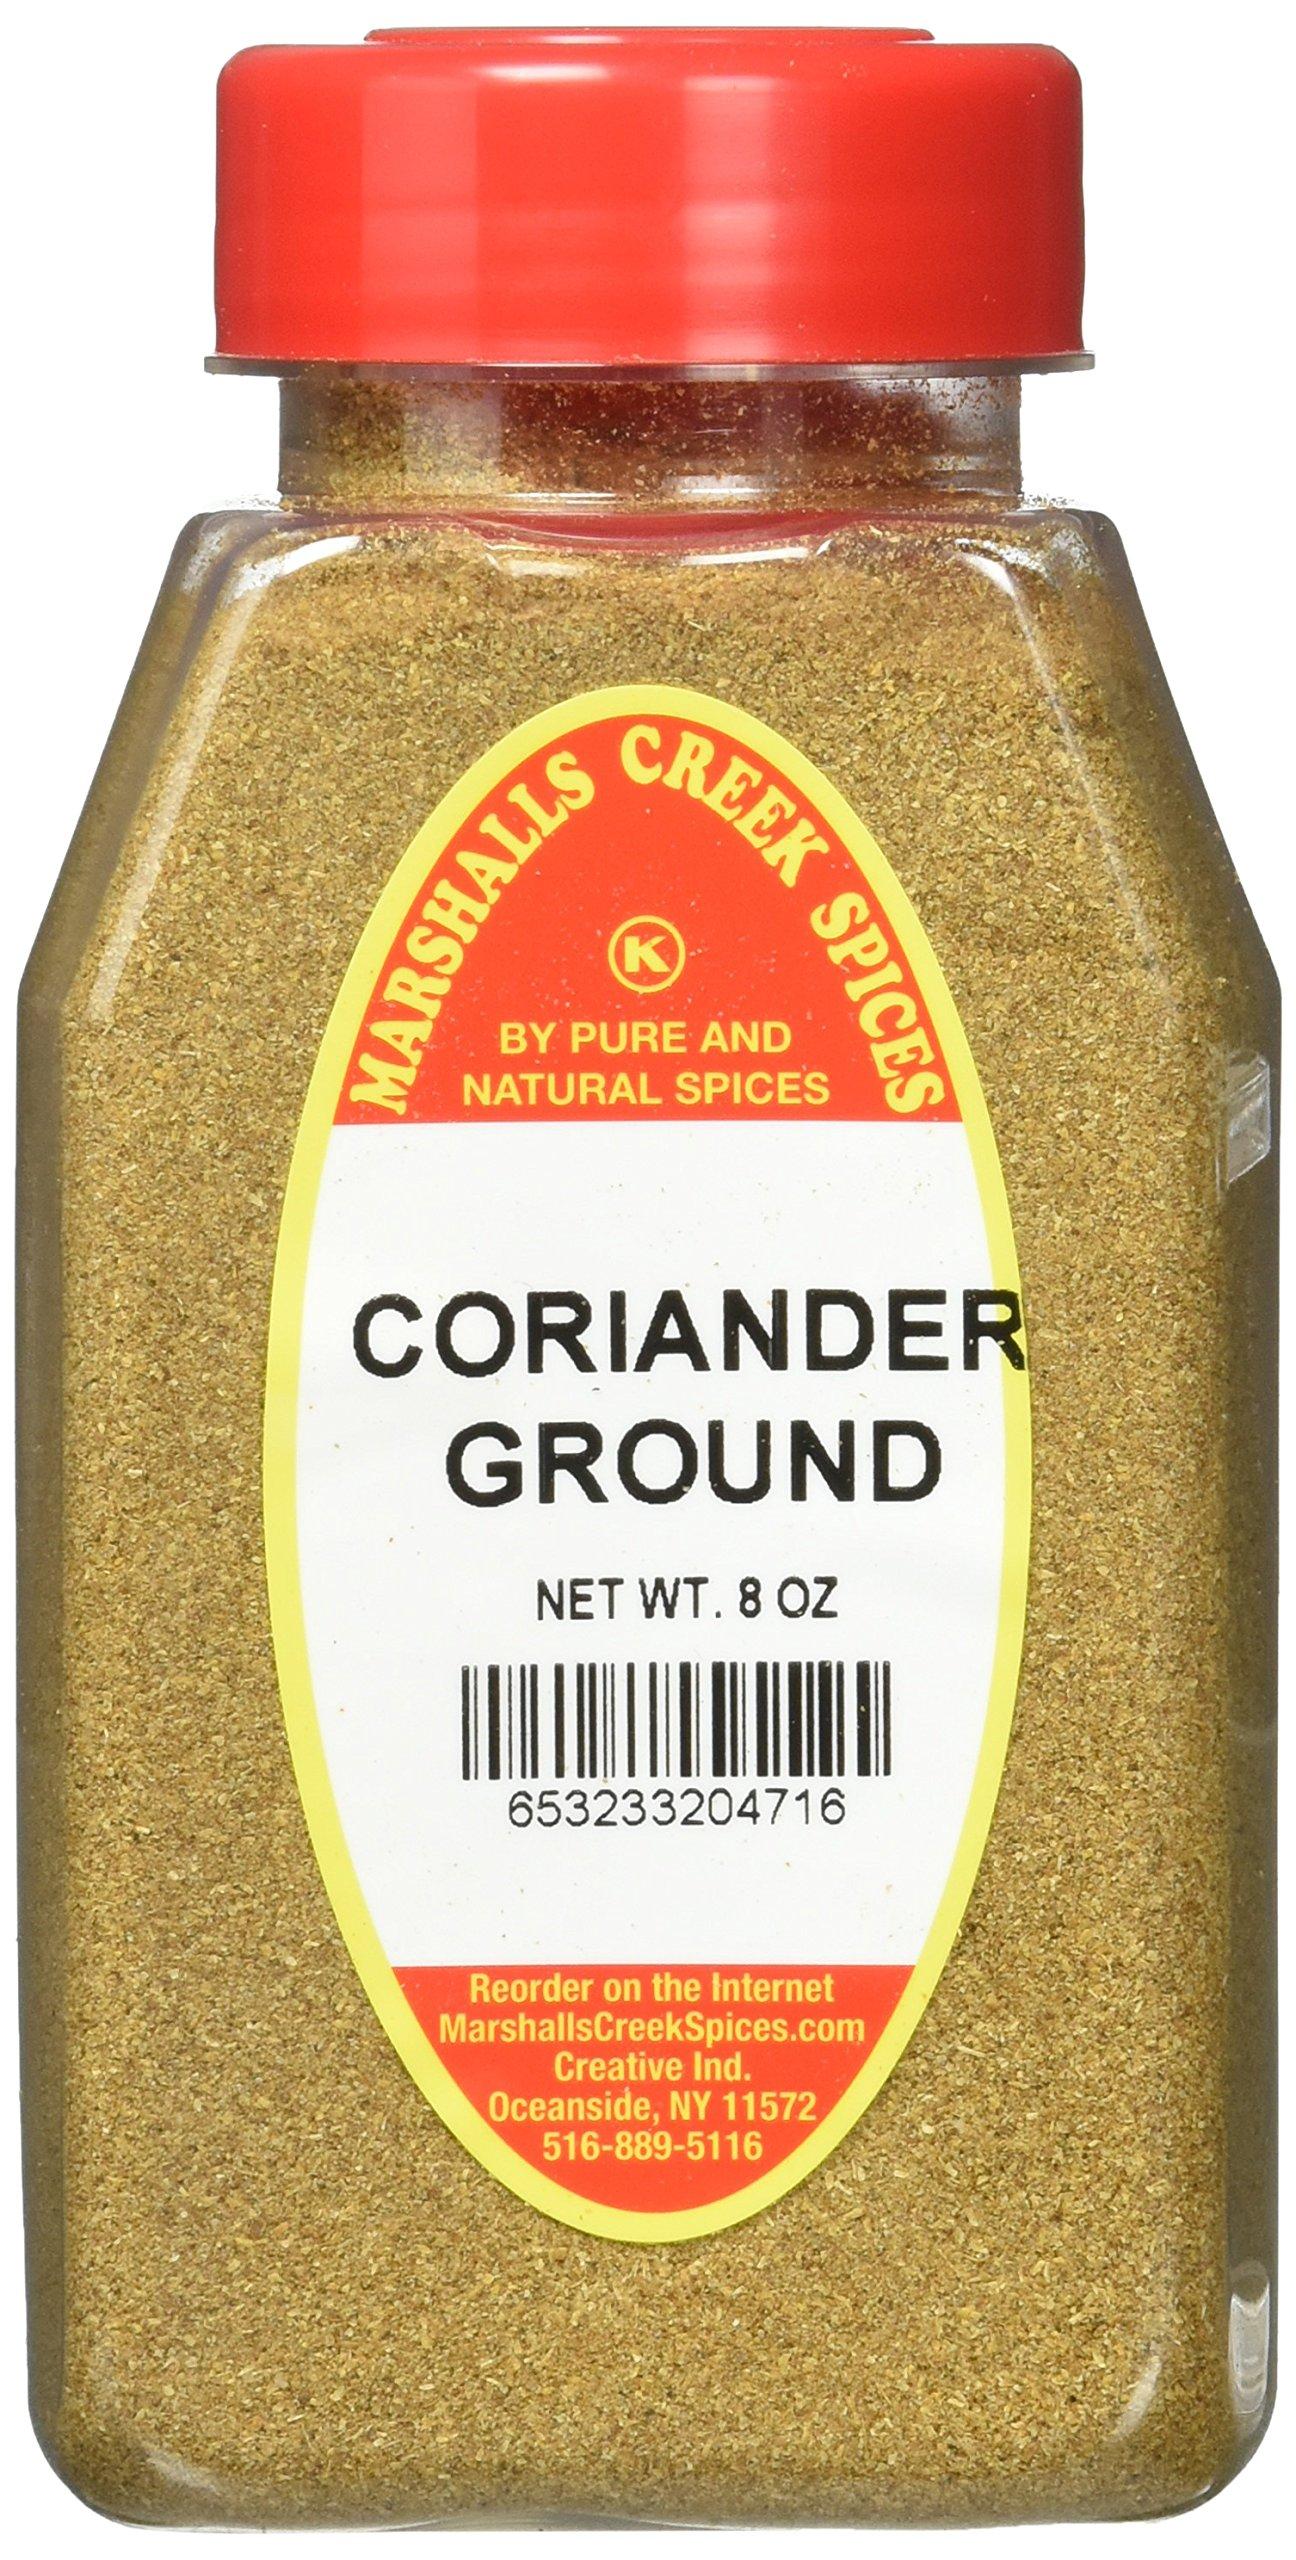 Marshalls Creek Kosher Spices CORIANDER GROUND 8 oz